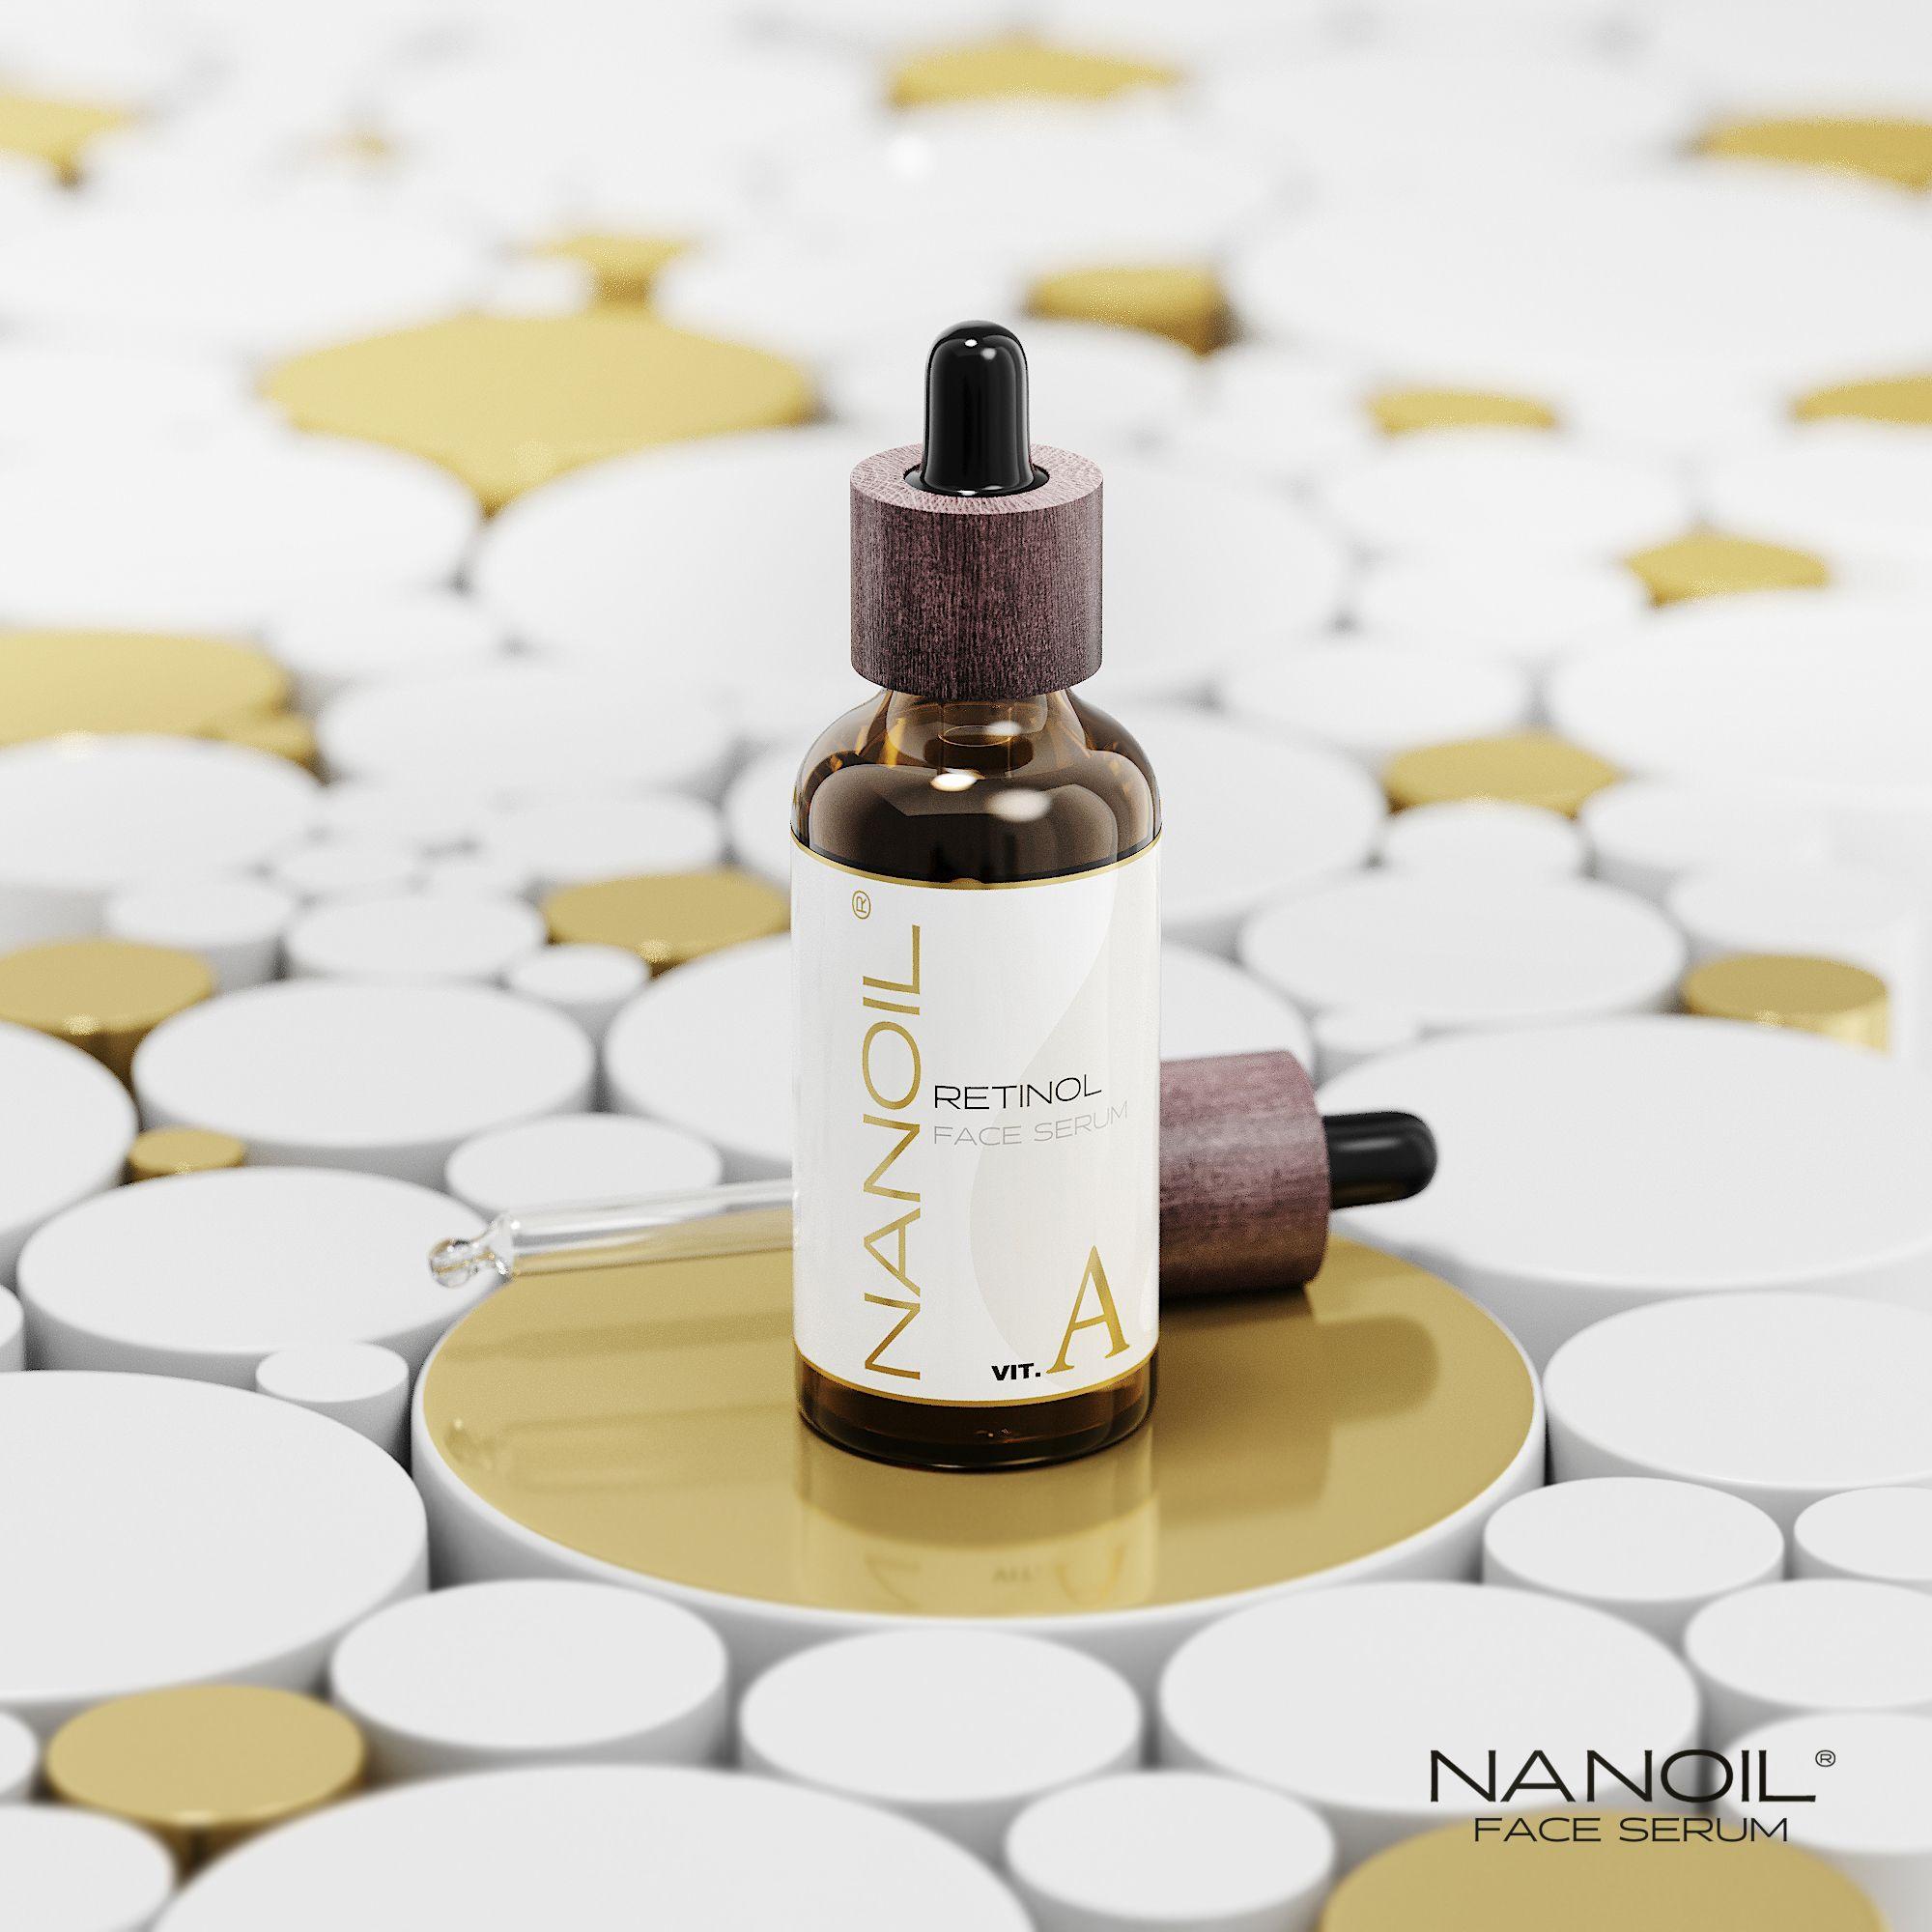 nanoil retinol serum